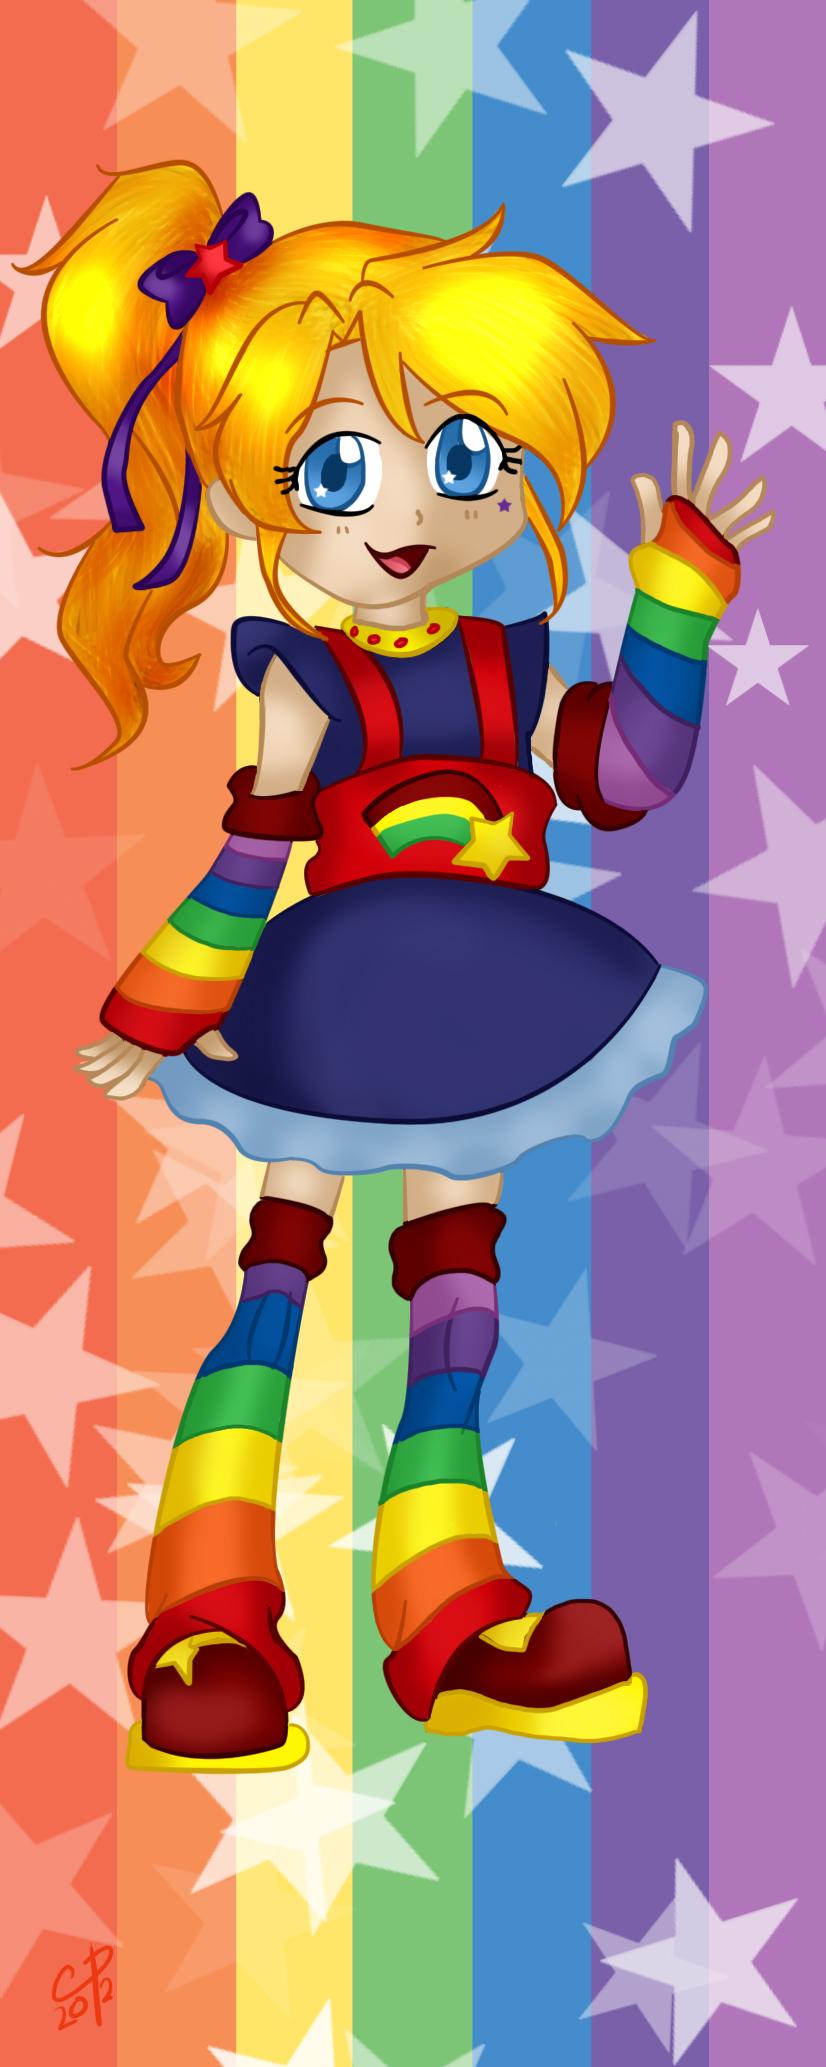 Rainbow Brite bookmark design by Hotaru-oz